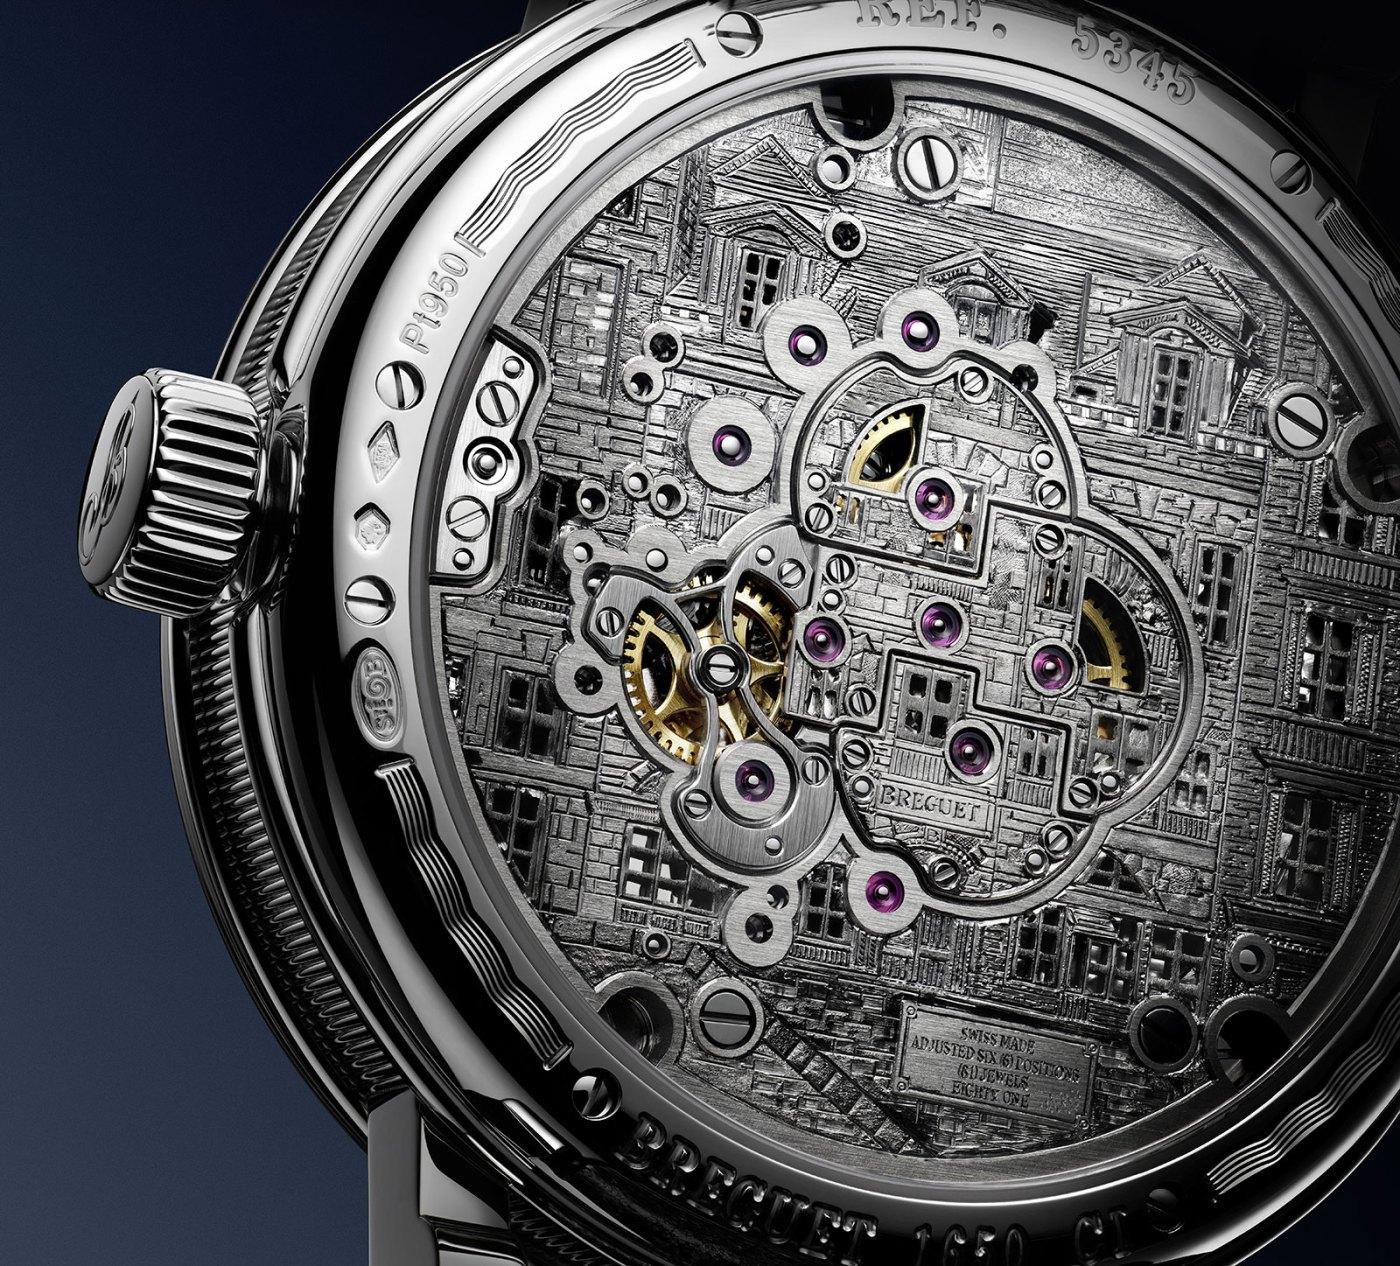 Breguet Classique Double Tourbillon 5345 Quai de l'Horloge caseback